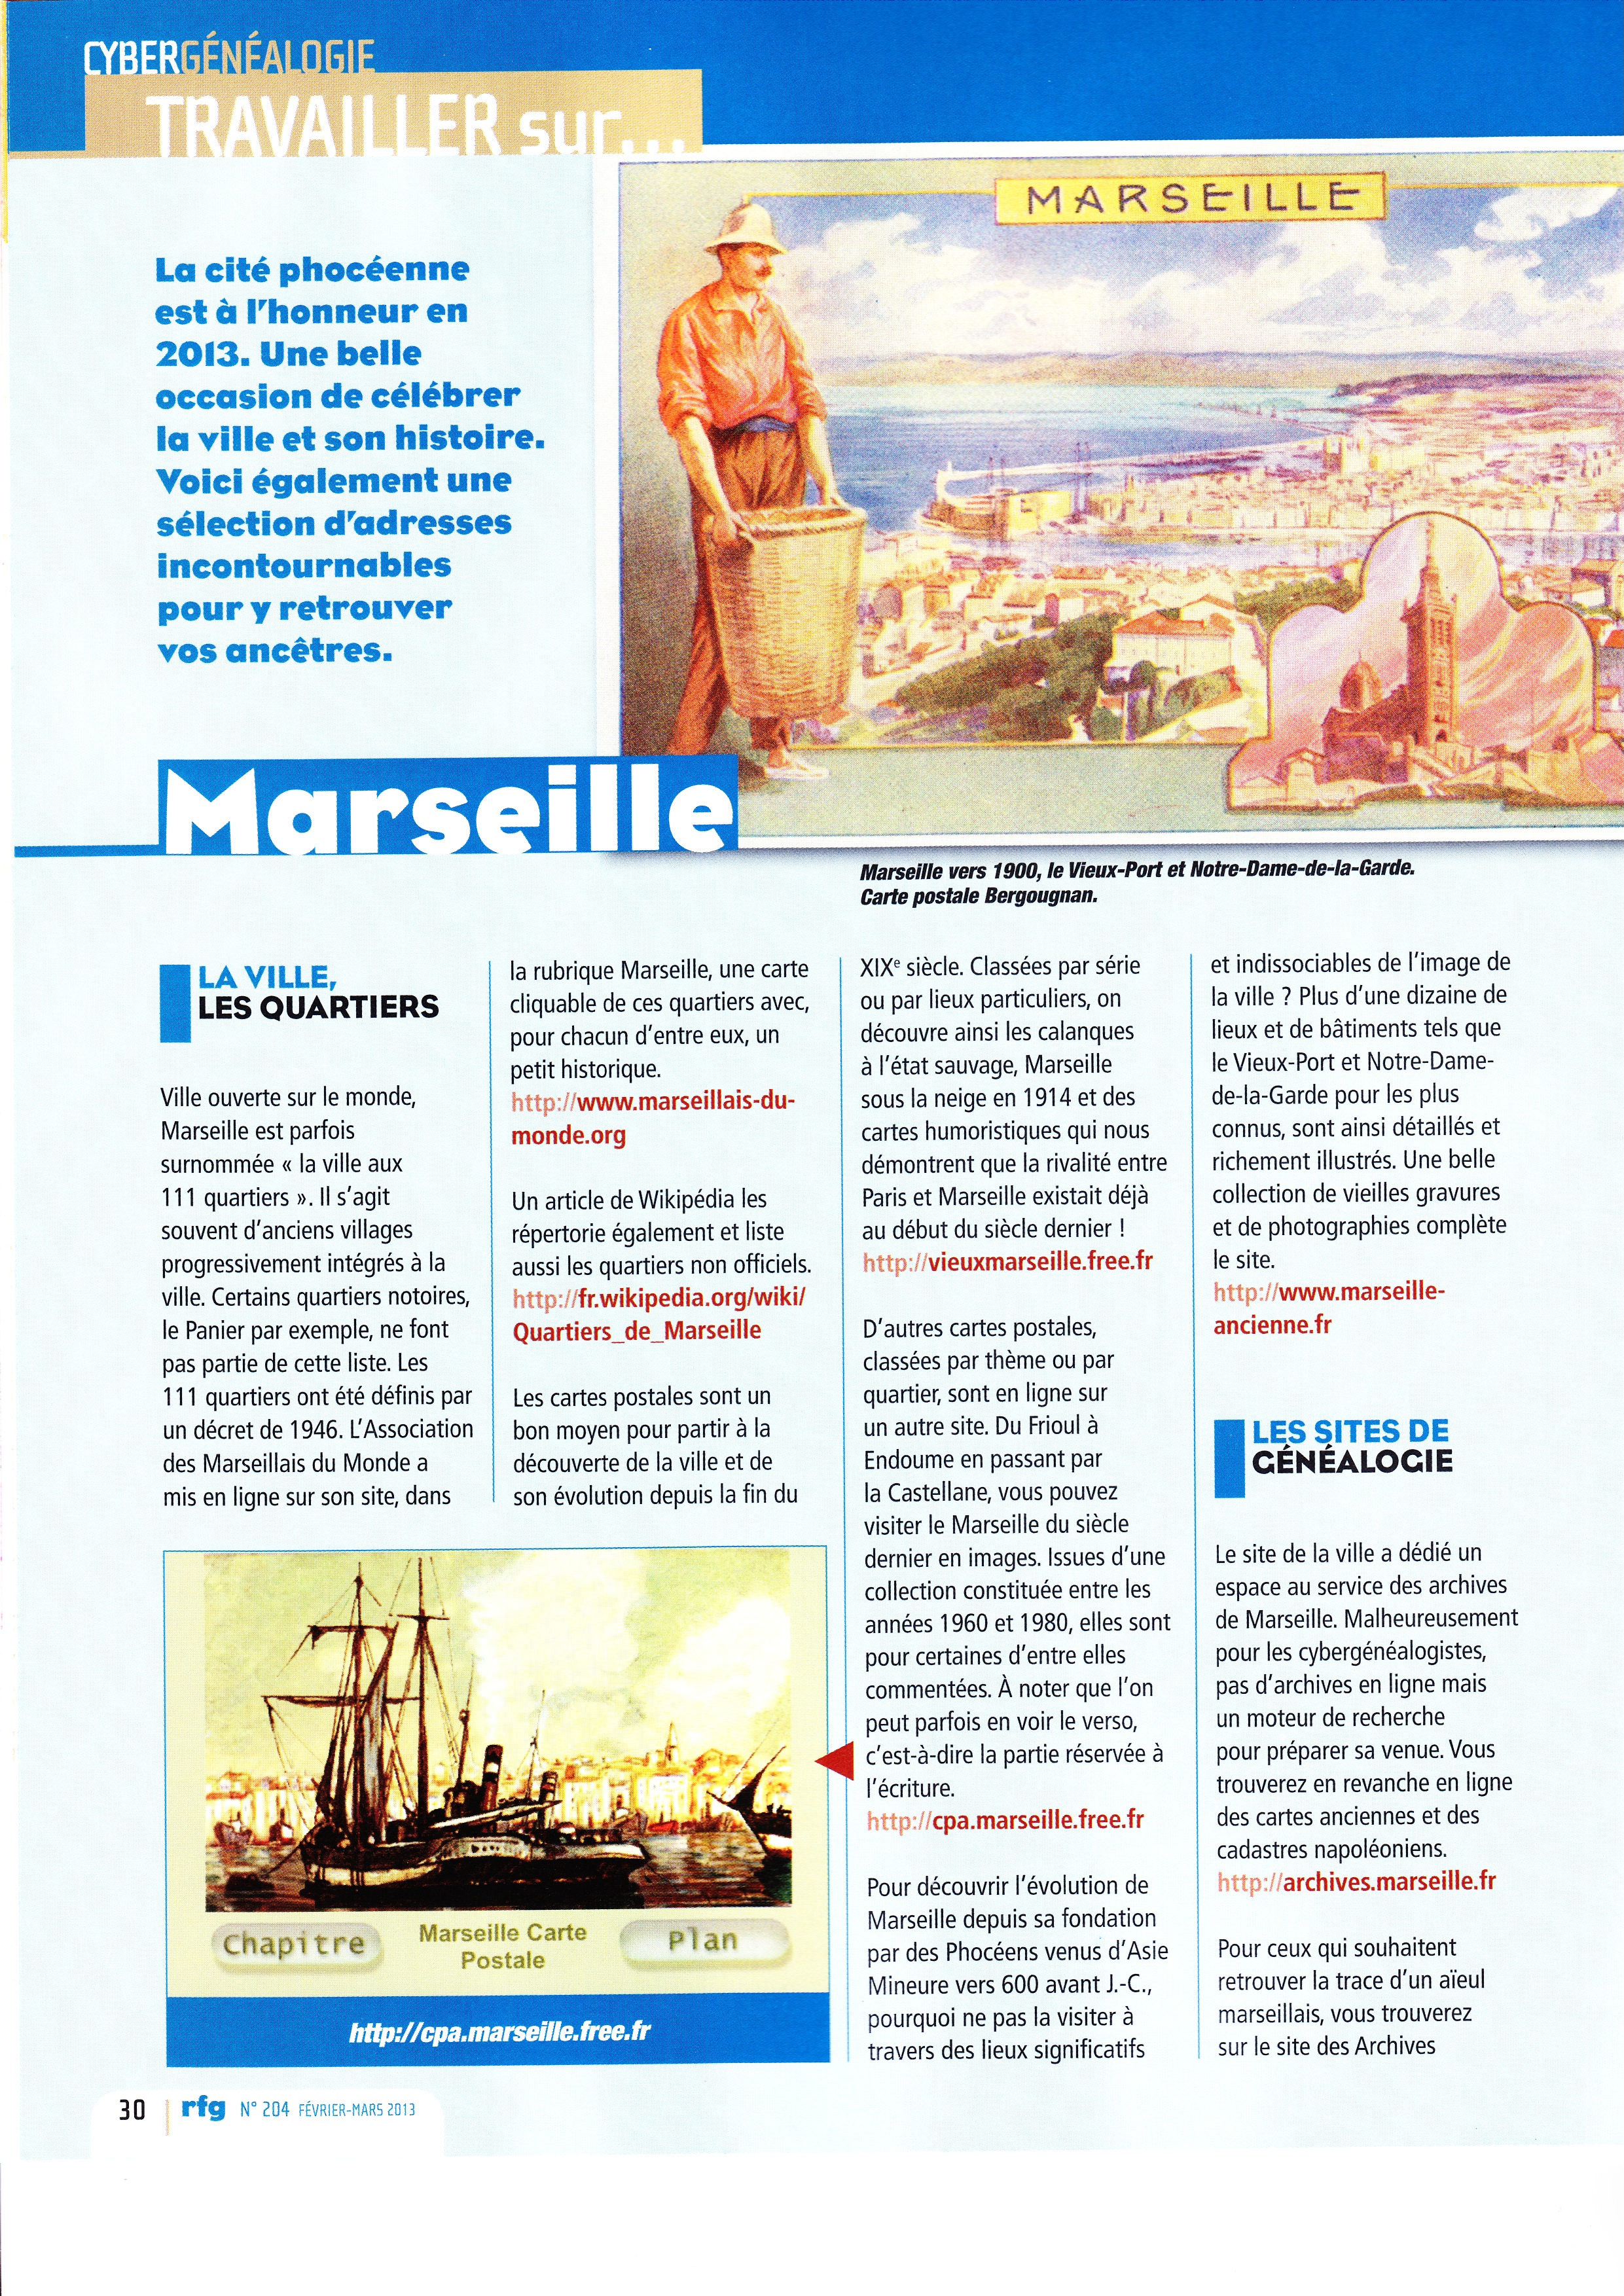 Généalogie Marseille 2013 (1)